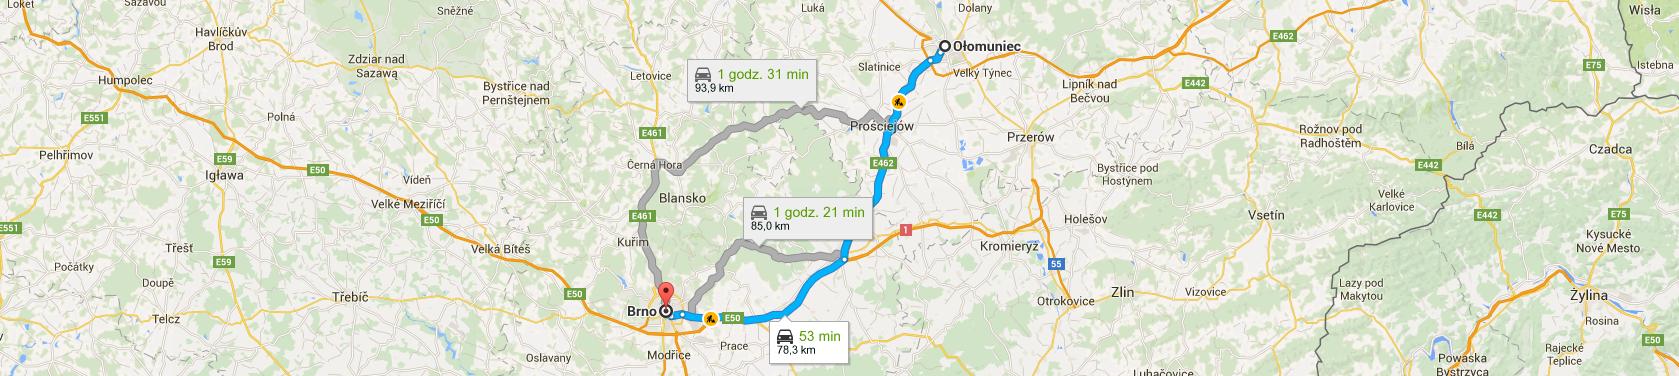 Trasa z Ołomuńca do Brna